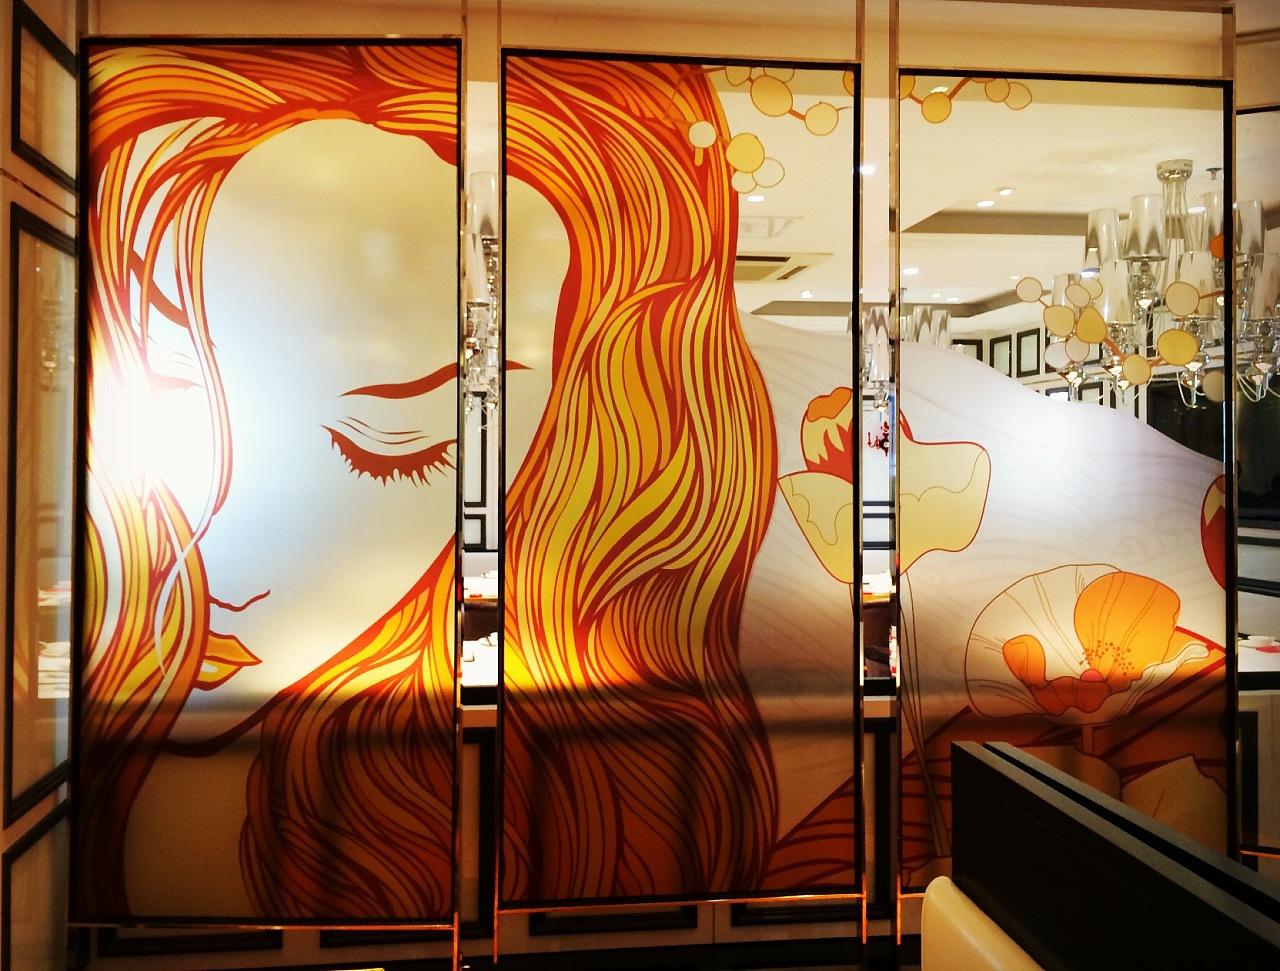 鼎旺港式茶餐厅软装,插画手绘|插画|商业插画|aj_andy